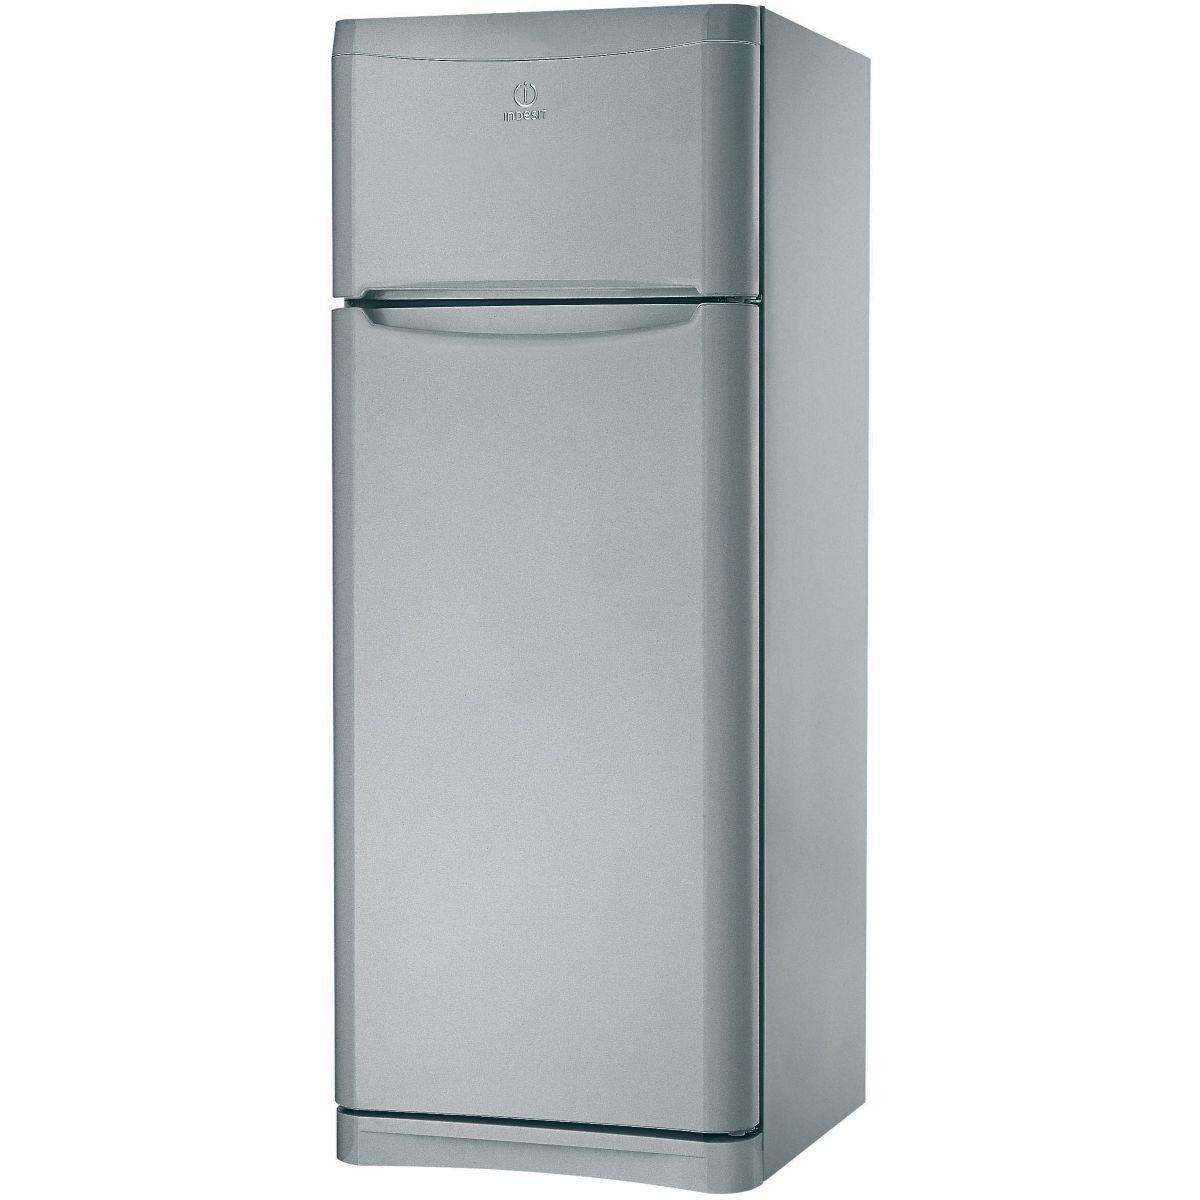 Réfrigérateur 2 portes INDESIT TAA 5 S